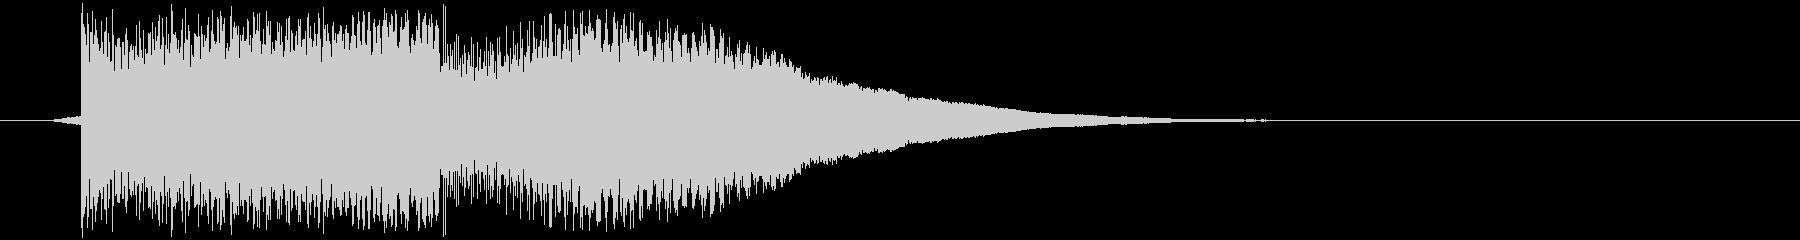 キュイーン(フレクサトーン・ドライ)の未再生の波形